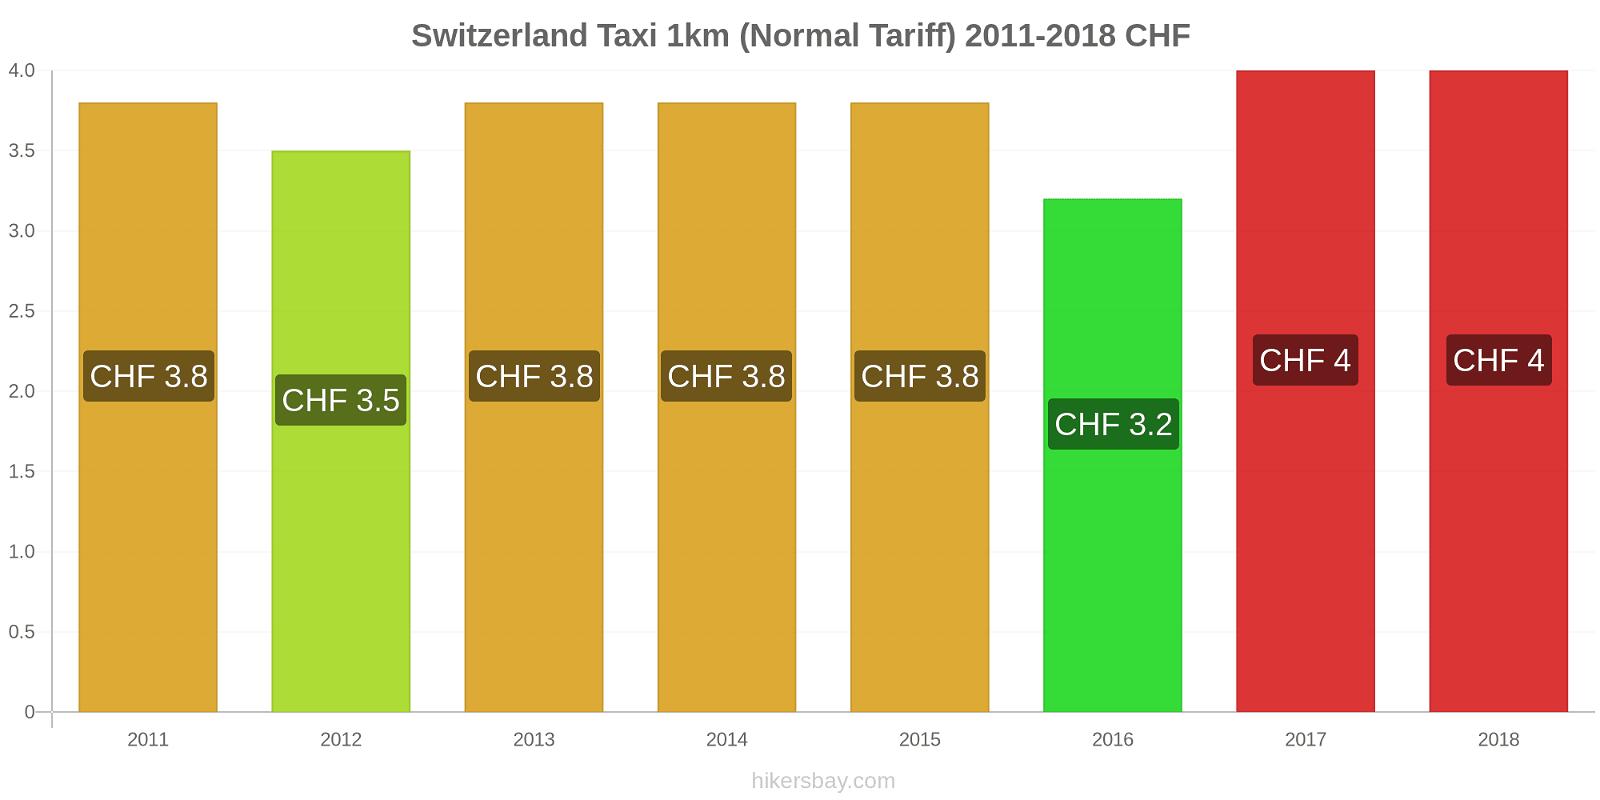 Switzerland price changes Taxi 1km (Normal Tariff) hikersbay.com